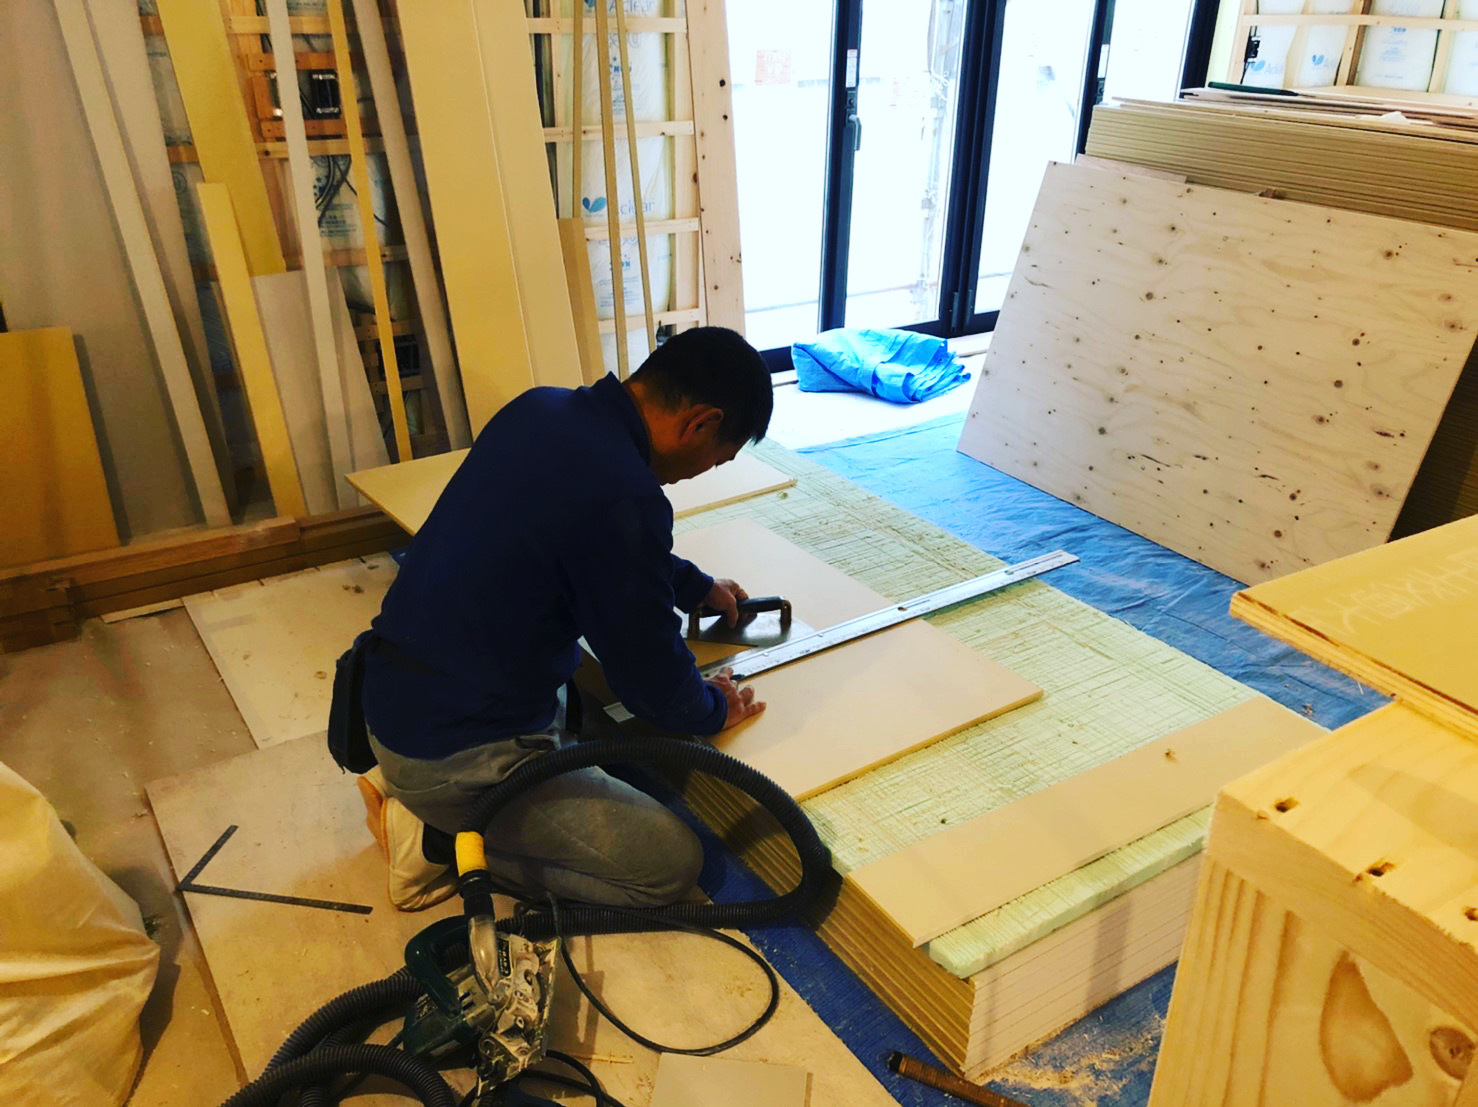 愛知県豊橋市H様 新築住宅工事その3 大工工事まもなく完了!_c0180474_22141144.jpg